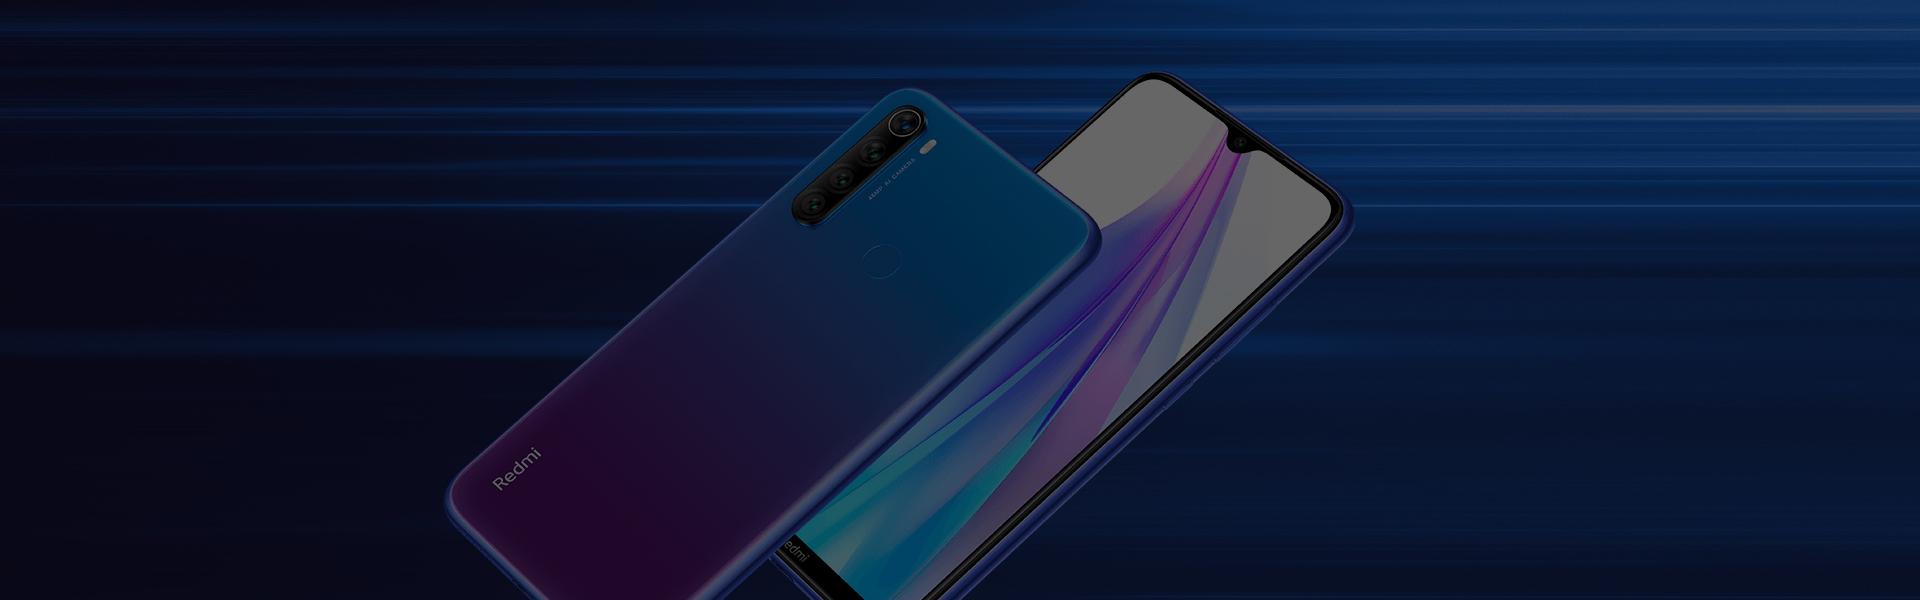 Redmi Note 8T: cuatro cámaras para uno de los mejores teléfonos de menos de 200 euros.